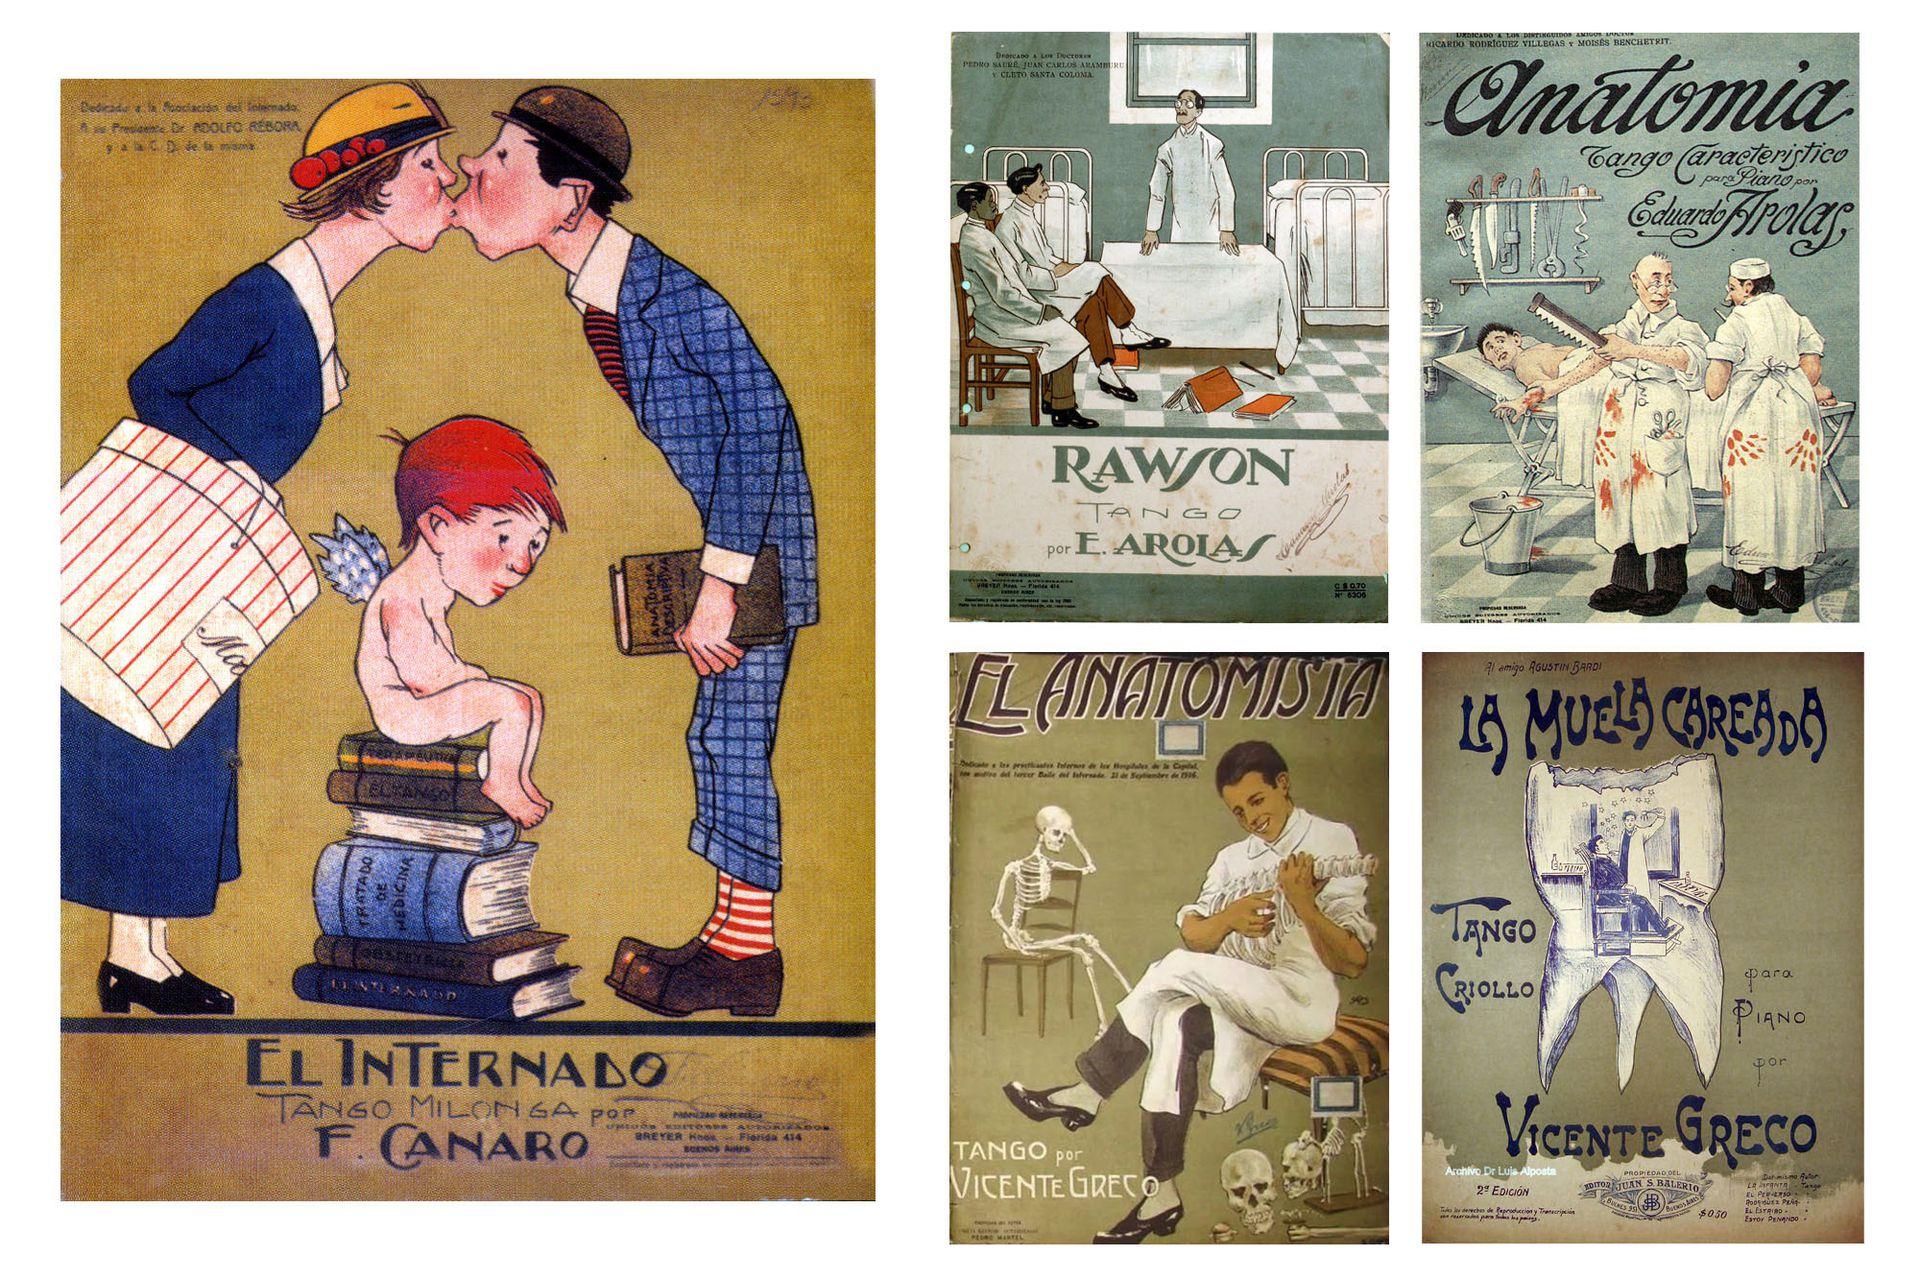 """La carátula del tango El Internado de Canaro se convirtió en el símbolo de los Bailes del Internado. Hubo muchos otros """"tangos médicos"""" asociados con estos festejos."""